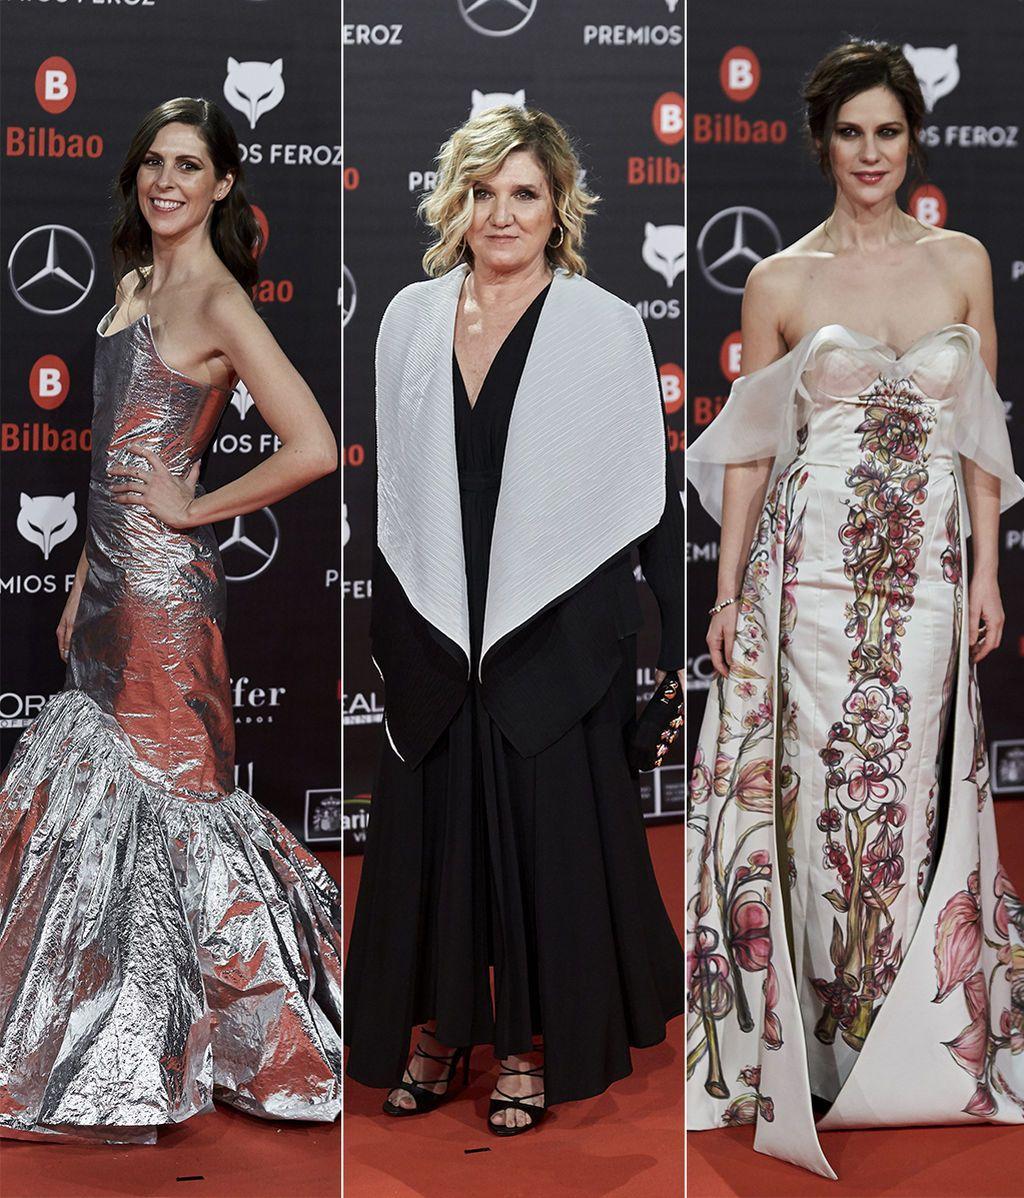 Premios Feroz 2019: aciertos y errores de la alfombra roja